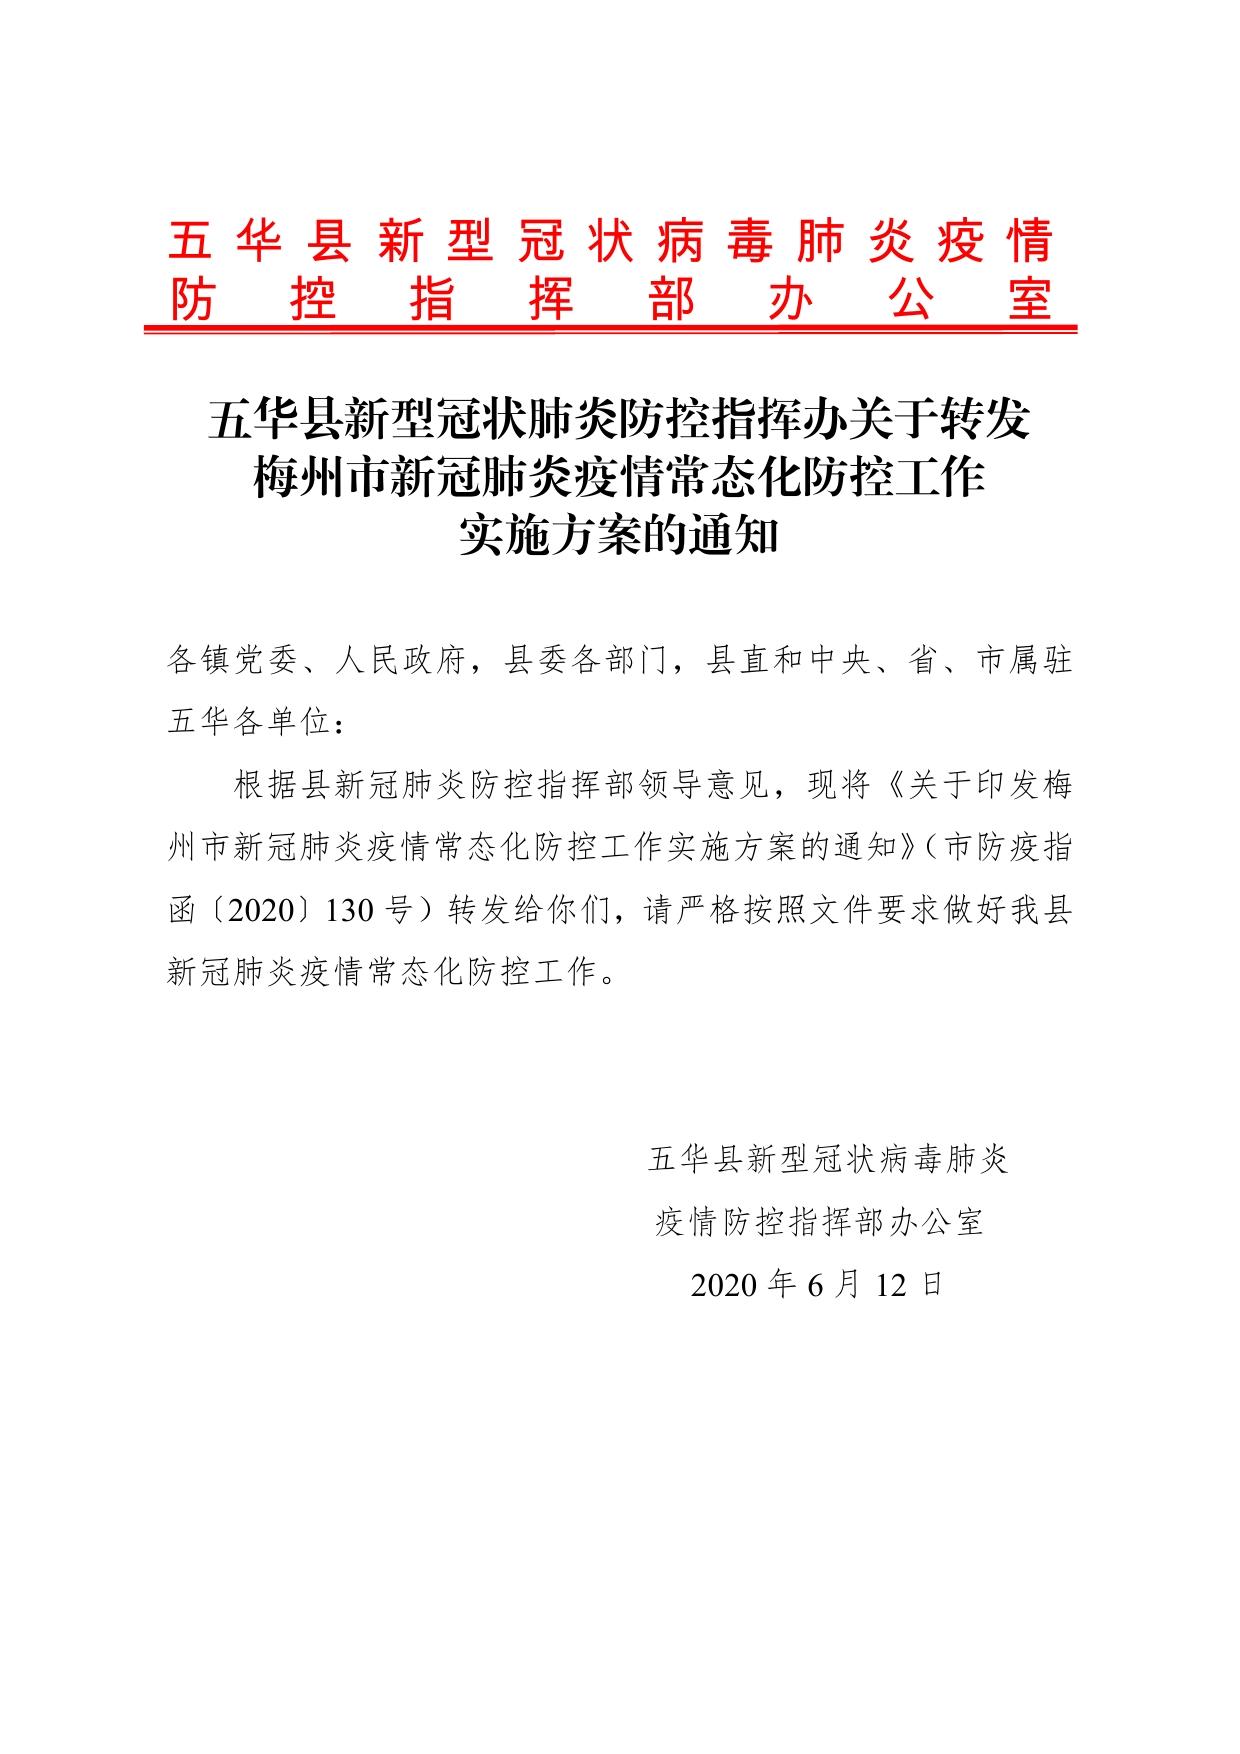 五华县新型冠状病毒肺炎疫情防控指挥部办公室关于转发梅州市新冠肺炎疫情常态化防控工作实施方案的通知0000.jpg